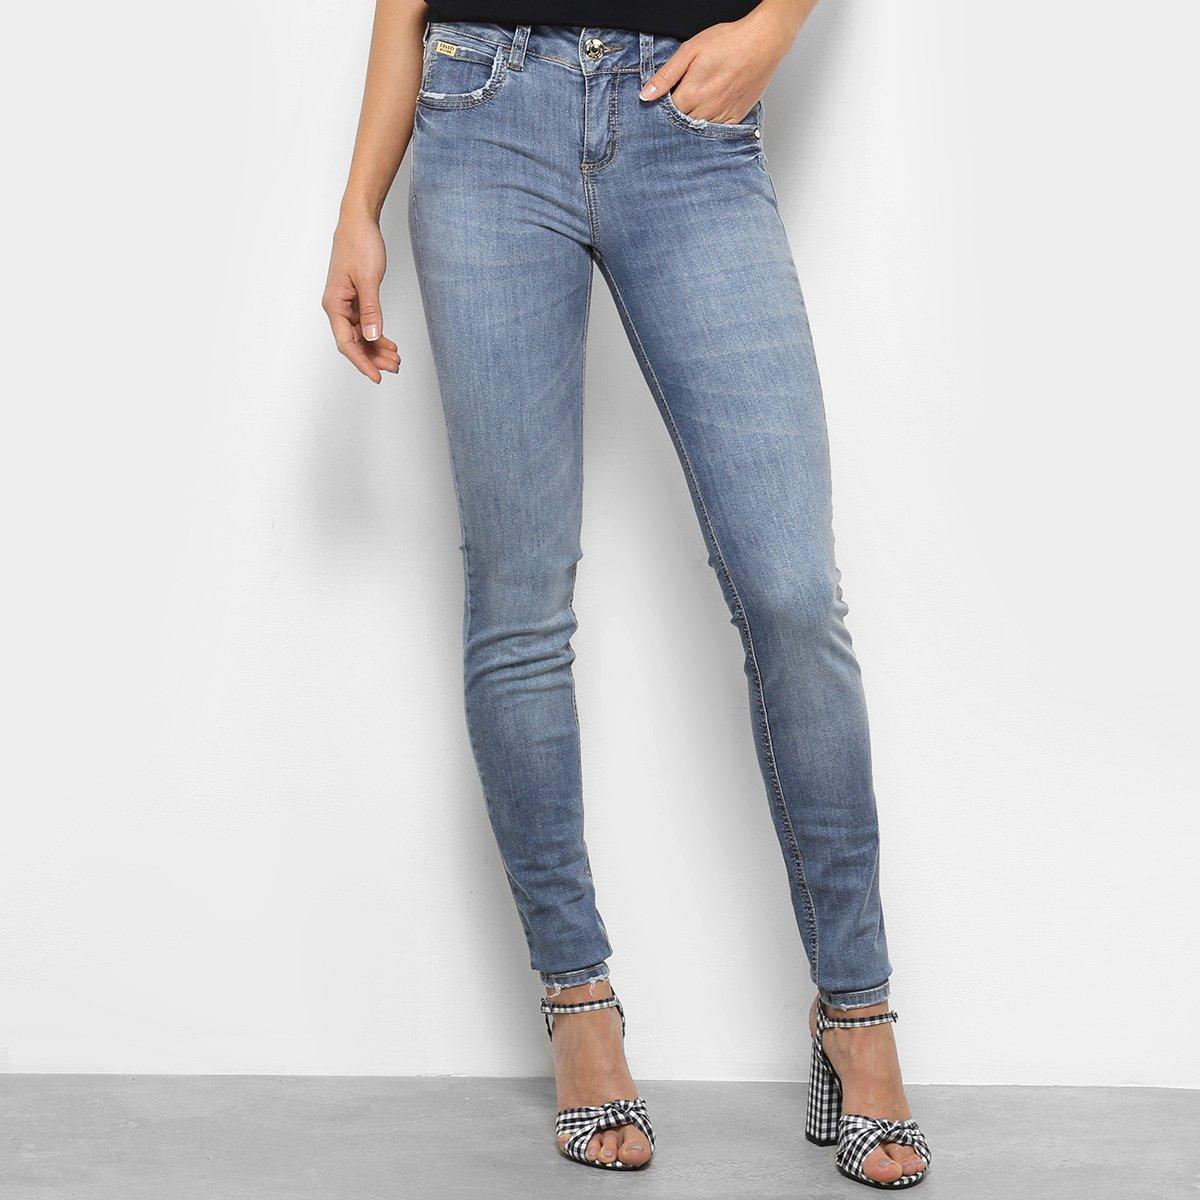 031498e27 Calça Jeans Skinny Colcci Cintura Média Feminina